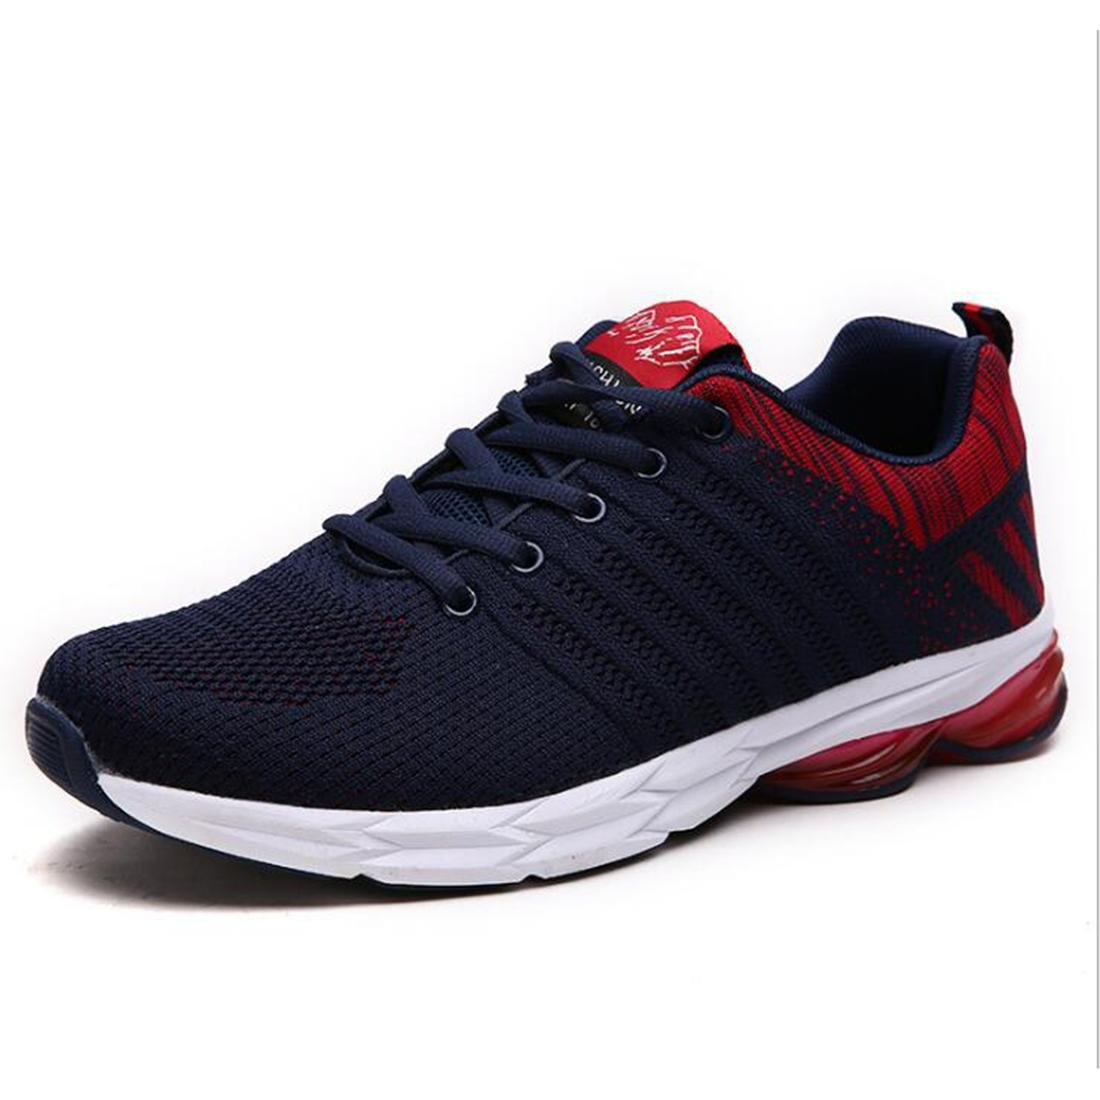 Otoño Loisirs de Plein Air zapatillas de moscas de moda los zapatos de running de la moda de los modelos para caballero, blue red, 43 43|blue red